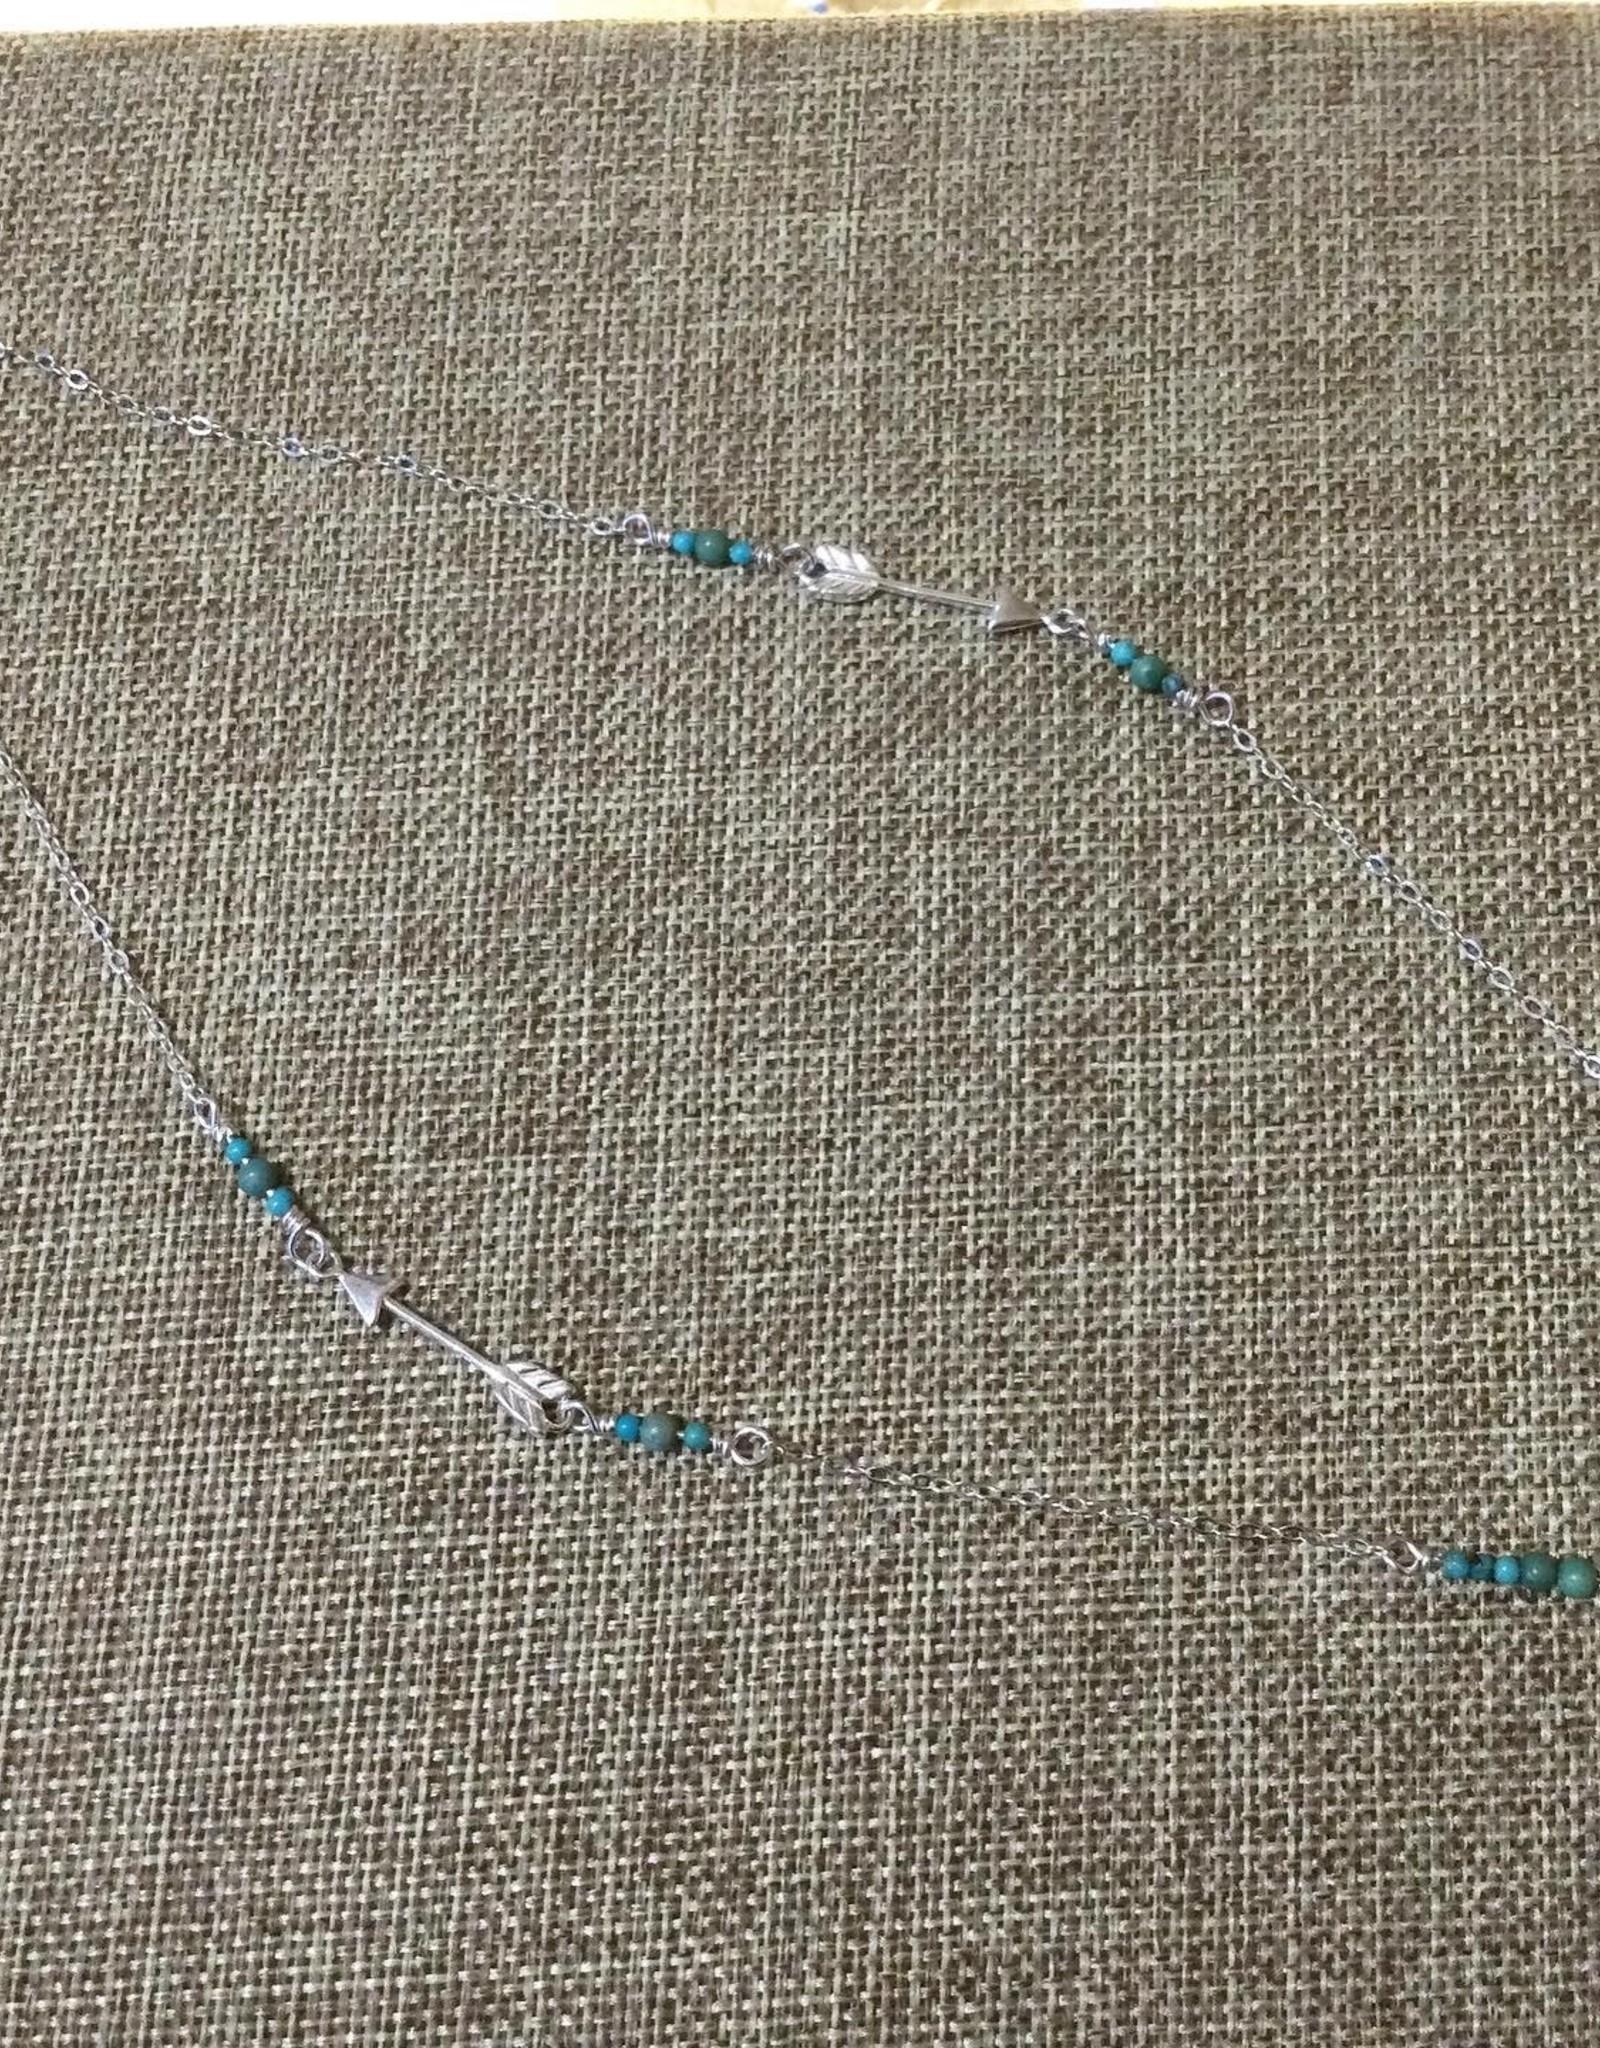 Min*Designs Sterling Triple Arrow Chain MR-712